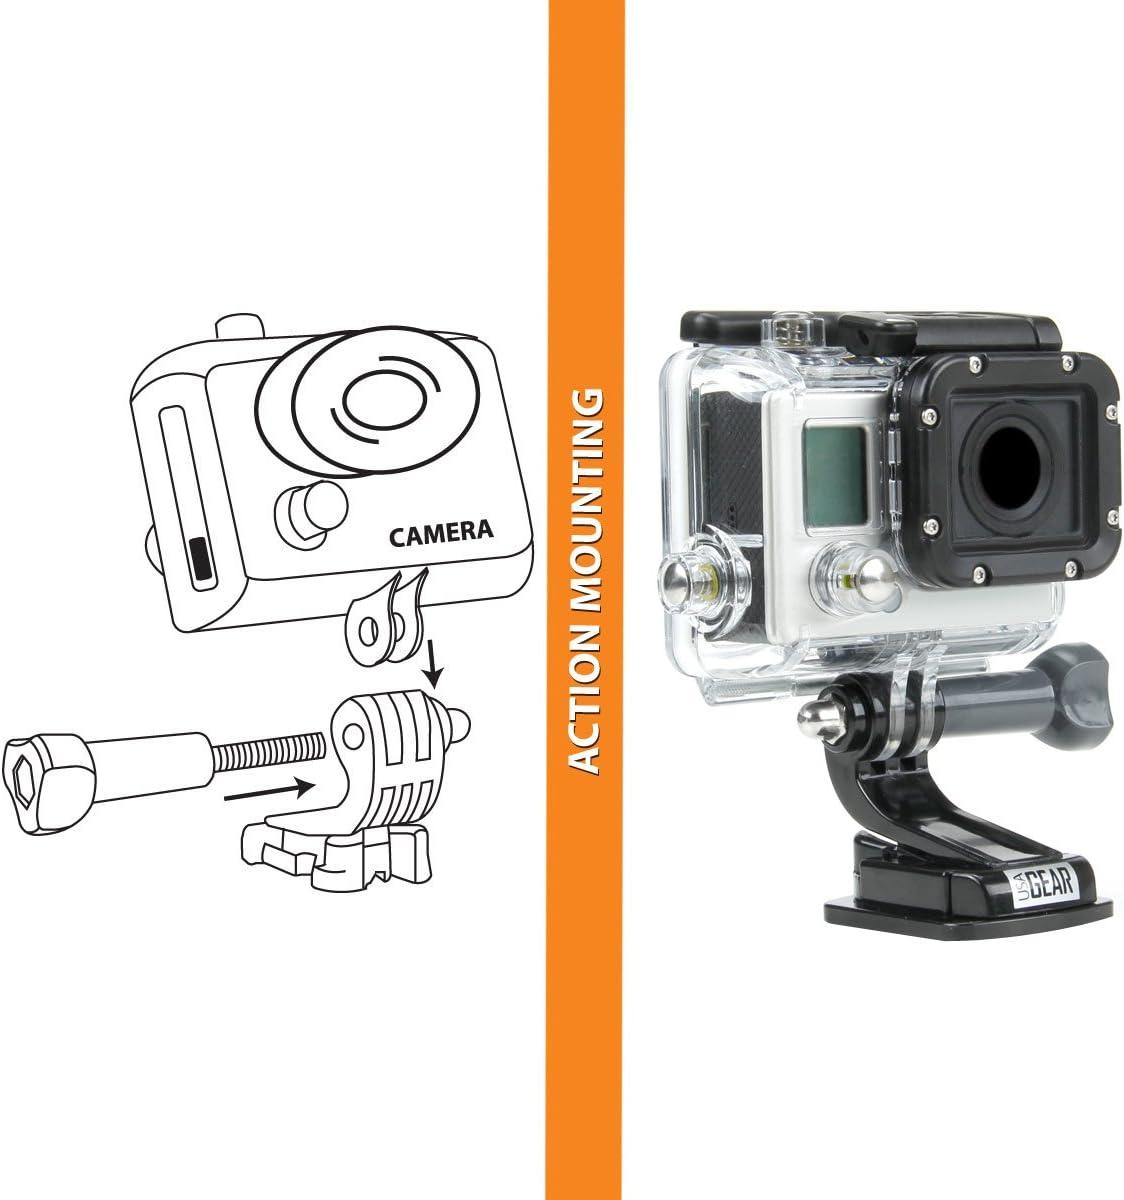 Funktioniert mit GoPro Hero6 Schwarz HTC RE Kamera YI 4K USA Gear Action Kamera Brust Harness Mount mit J Haken und Stativadapter AKASO EK7000 und mehr Ion Air Pro 3 Hero5 Schwarz//Session